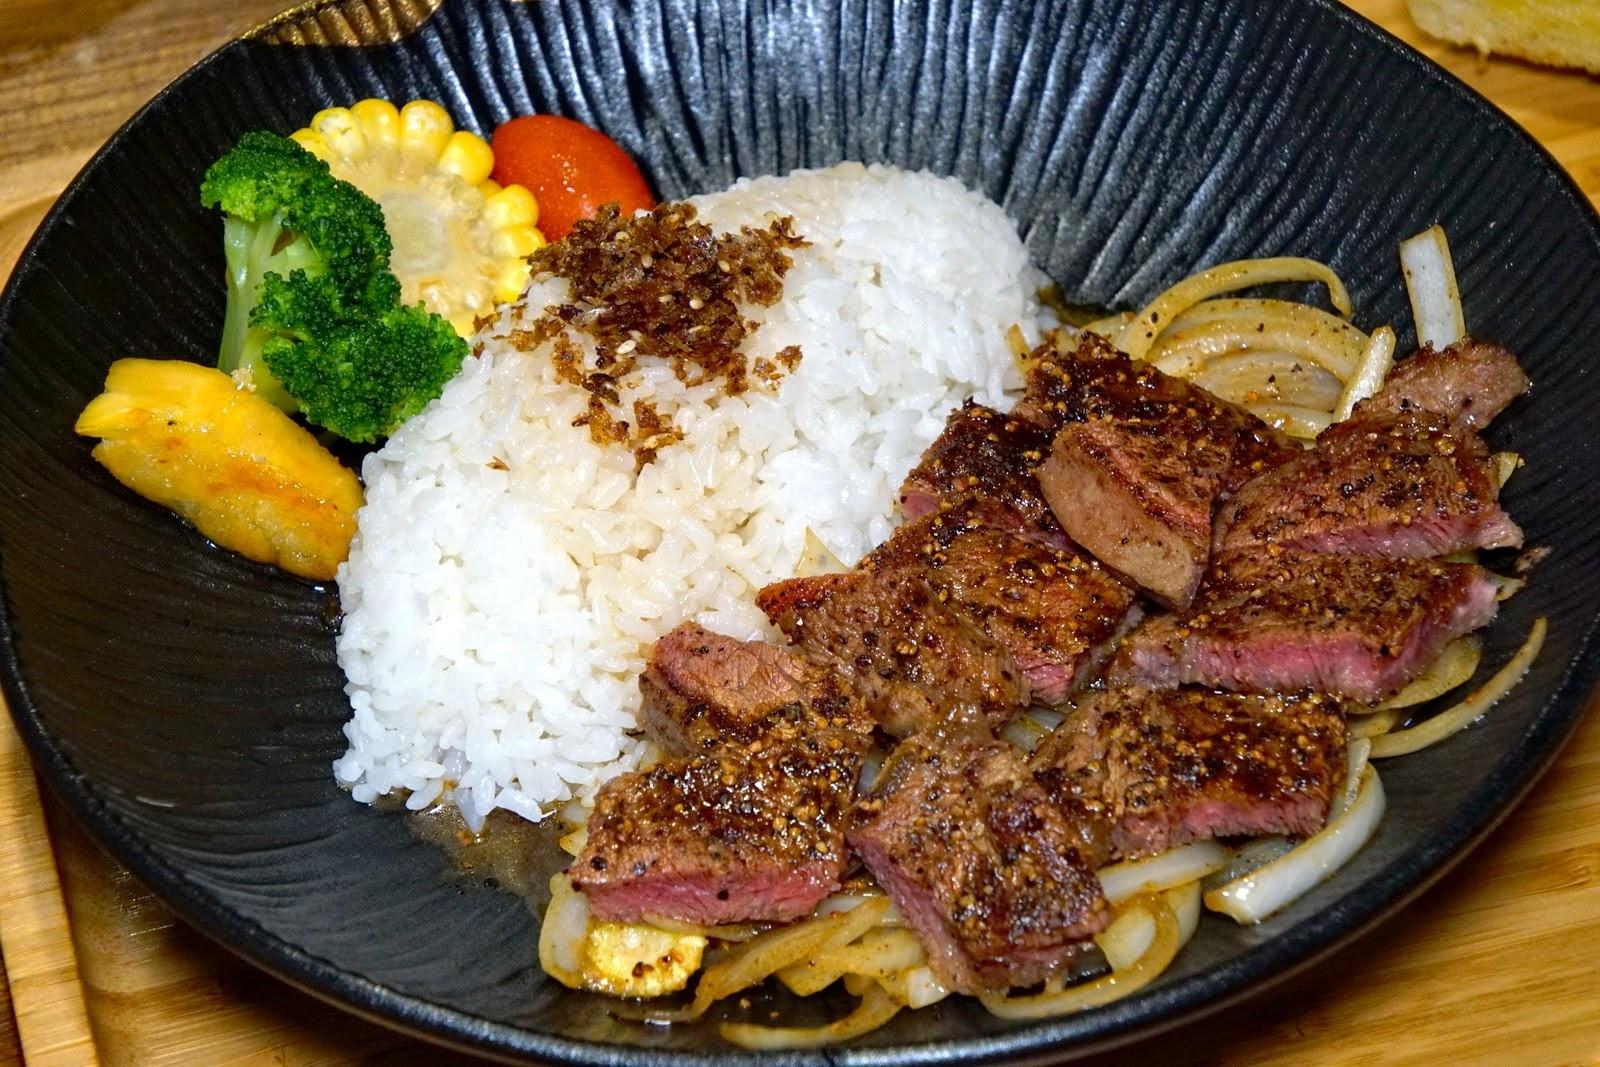 [台南][安南區] 福聚新輕食|老派風格的複合式餐廳|食記